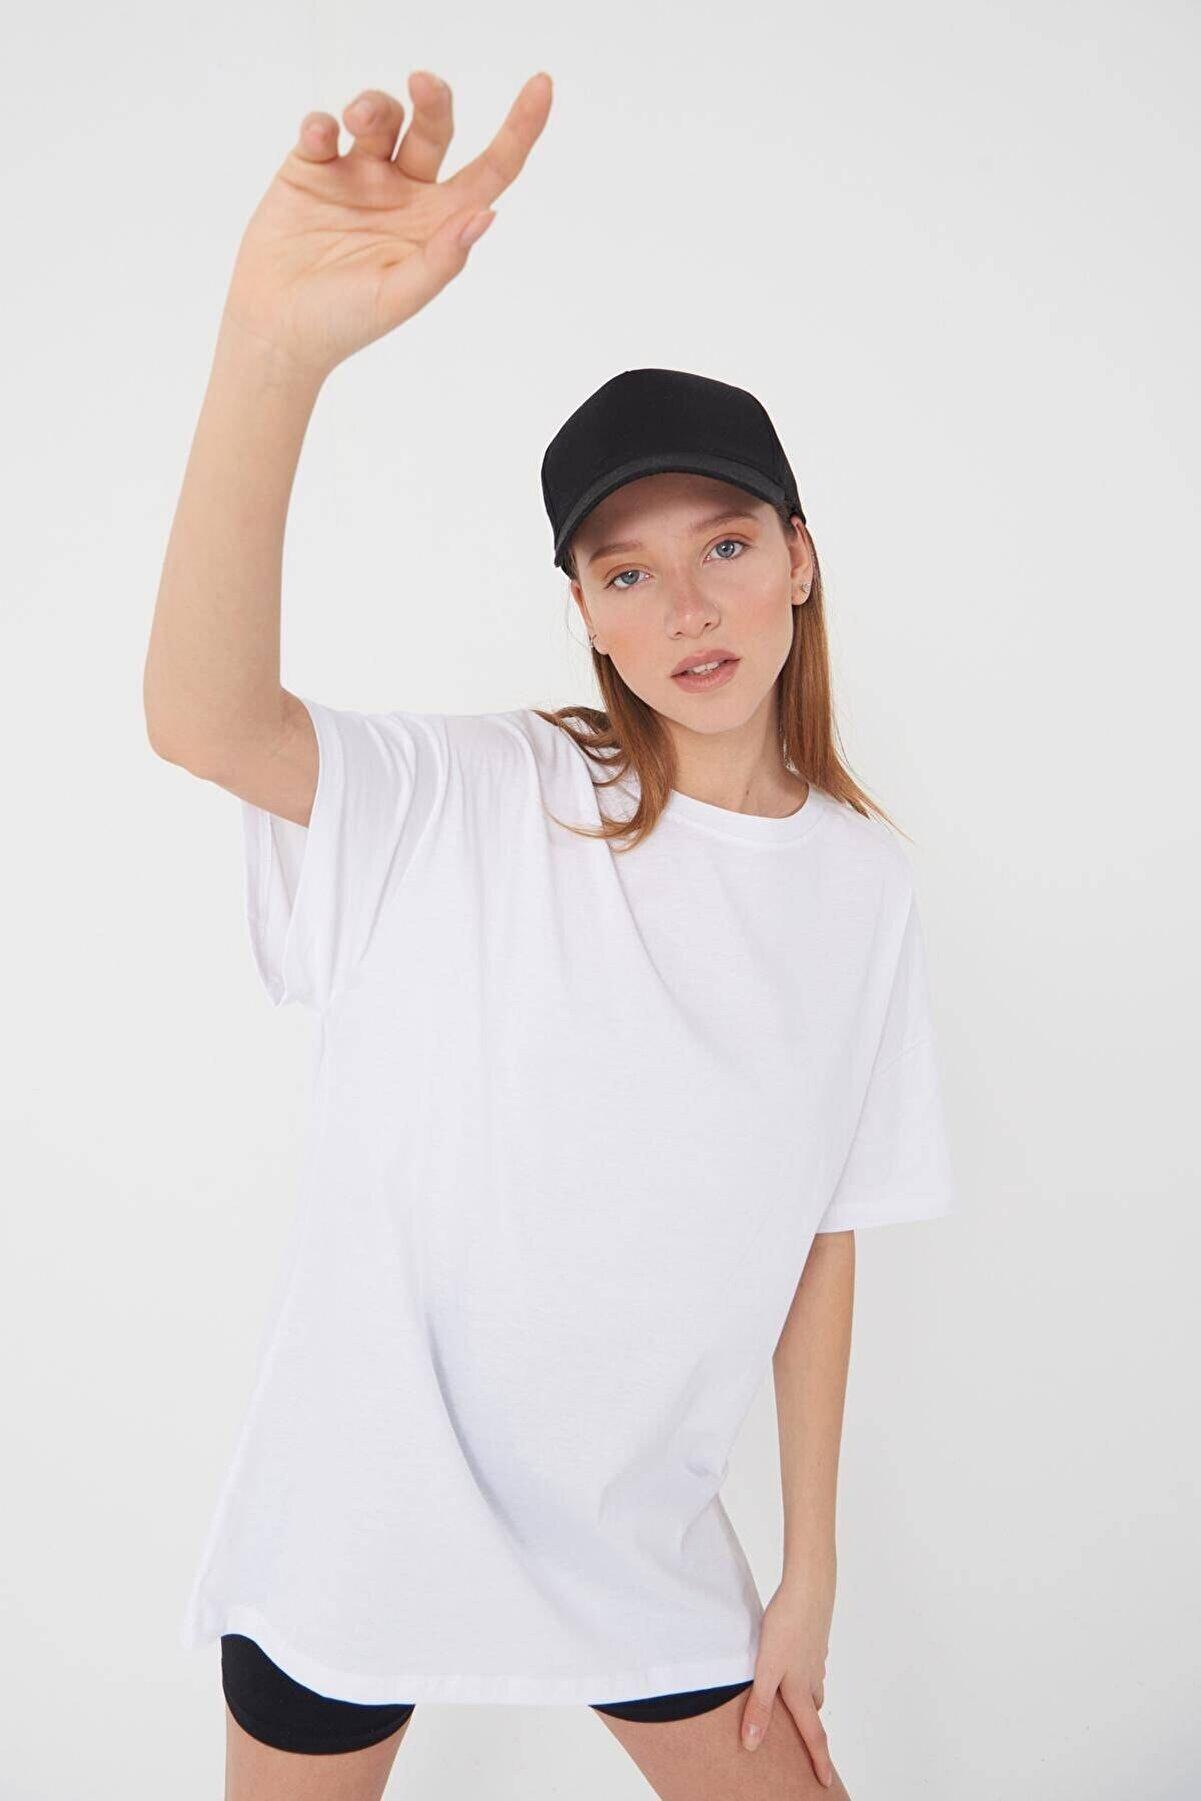 Addax Kadın Beyaz Basic T-Shirt P0337 - T11 Adx-0000021644